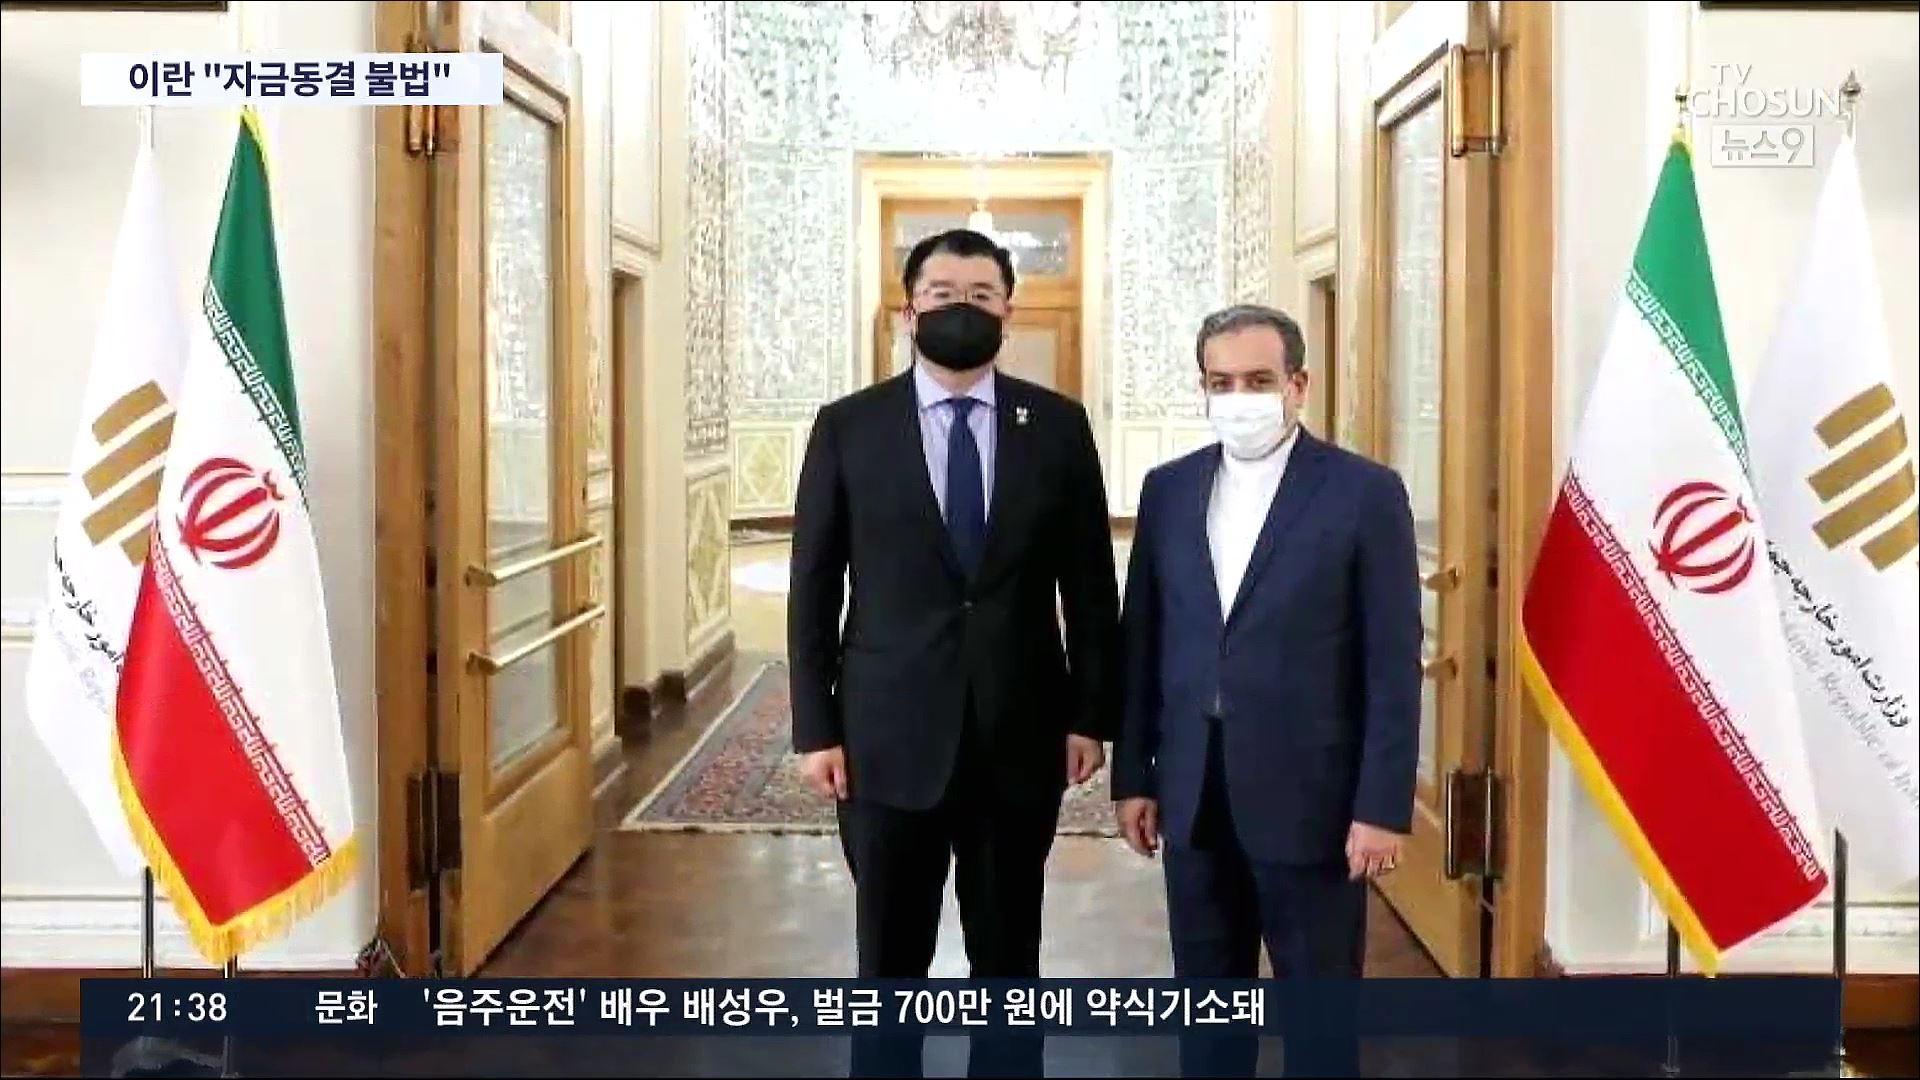 이란 '자금동결은 불법'…韓대표단 '최고지도자측과 석방 교섭'